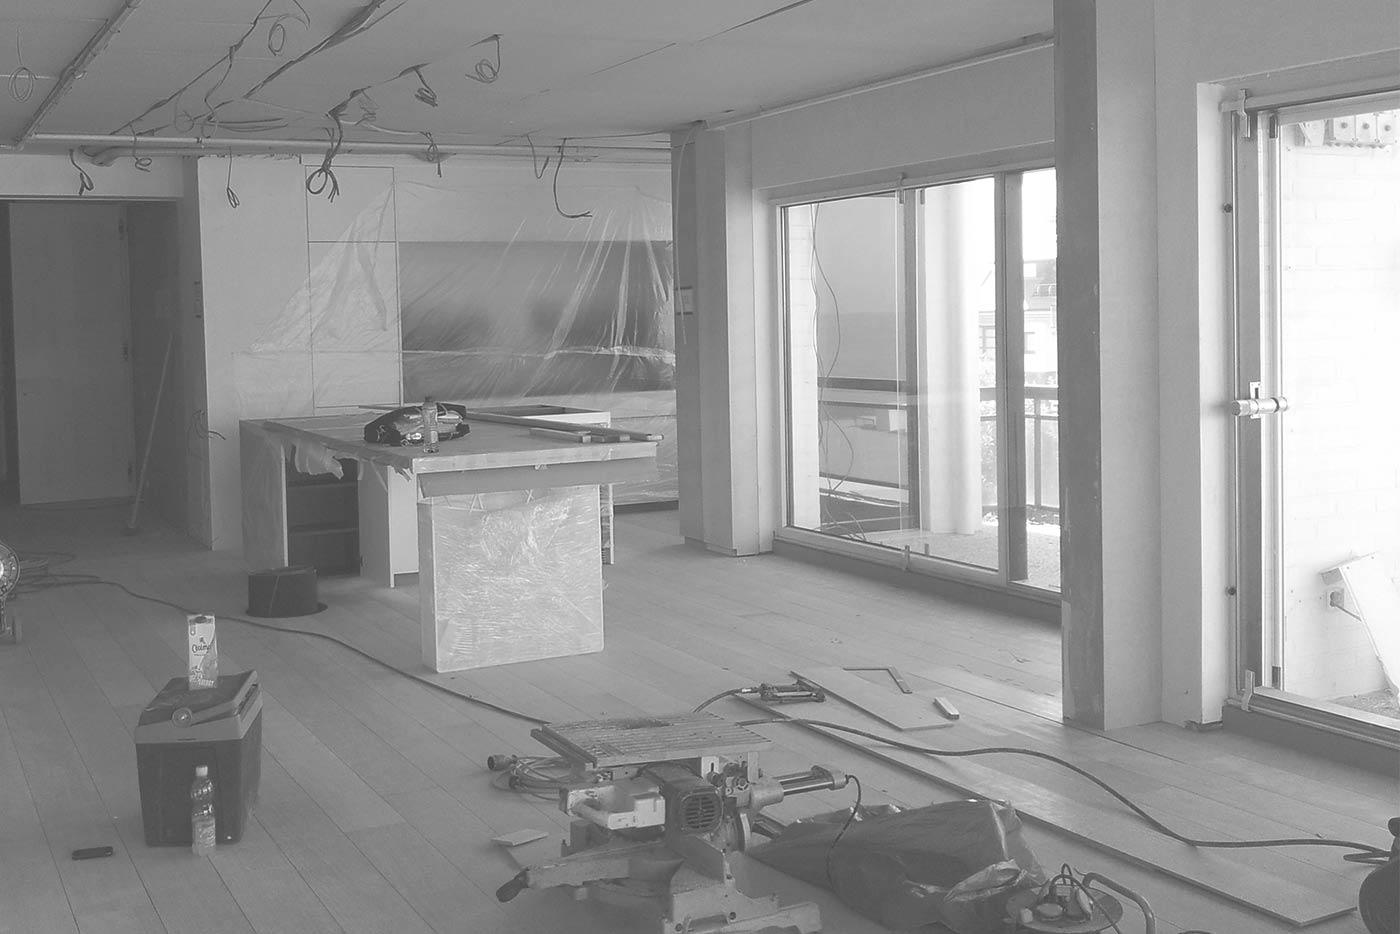 appartement zoutois bruxelles bear architectes agence architecture jeremy biermann. Black Bedroom Furniture Sets. Home Design Ideas